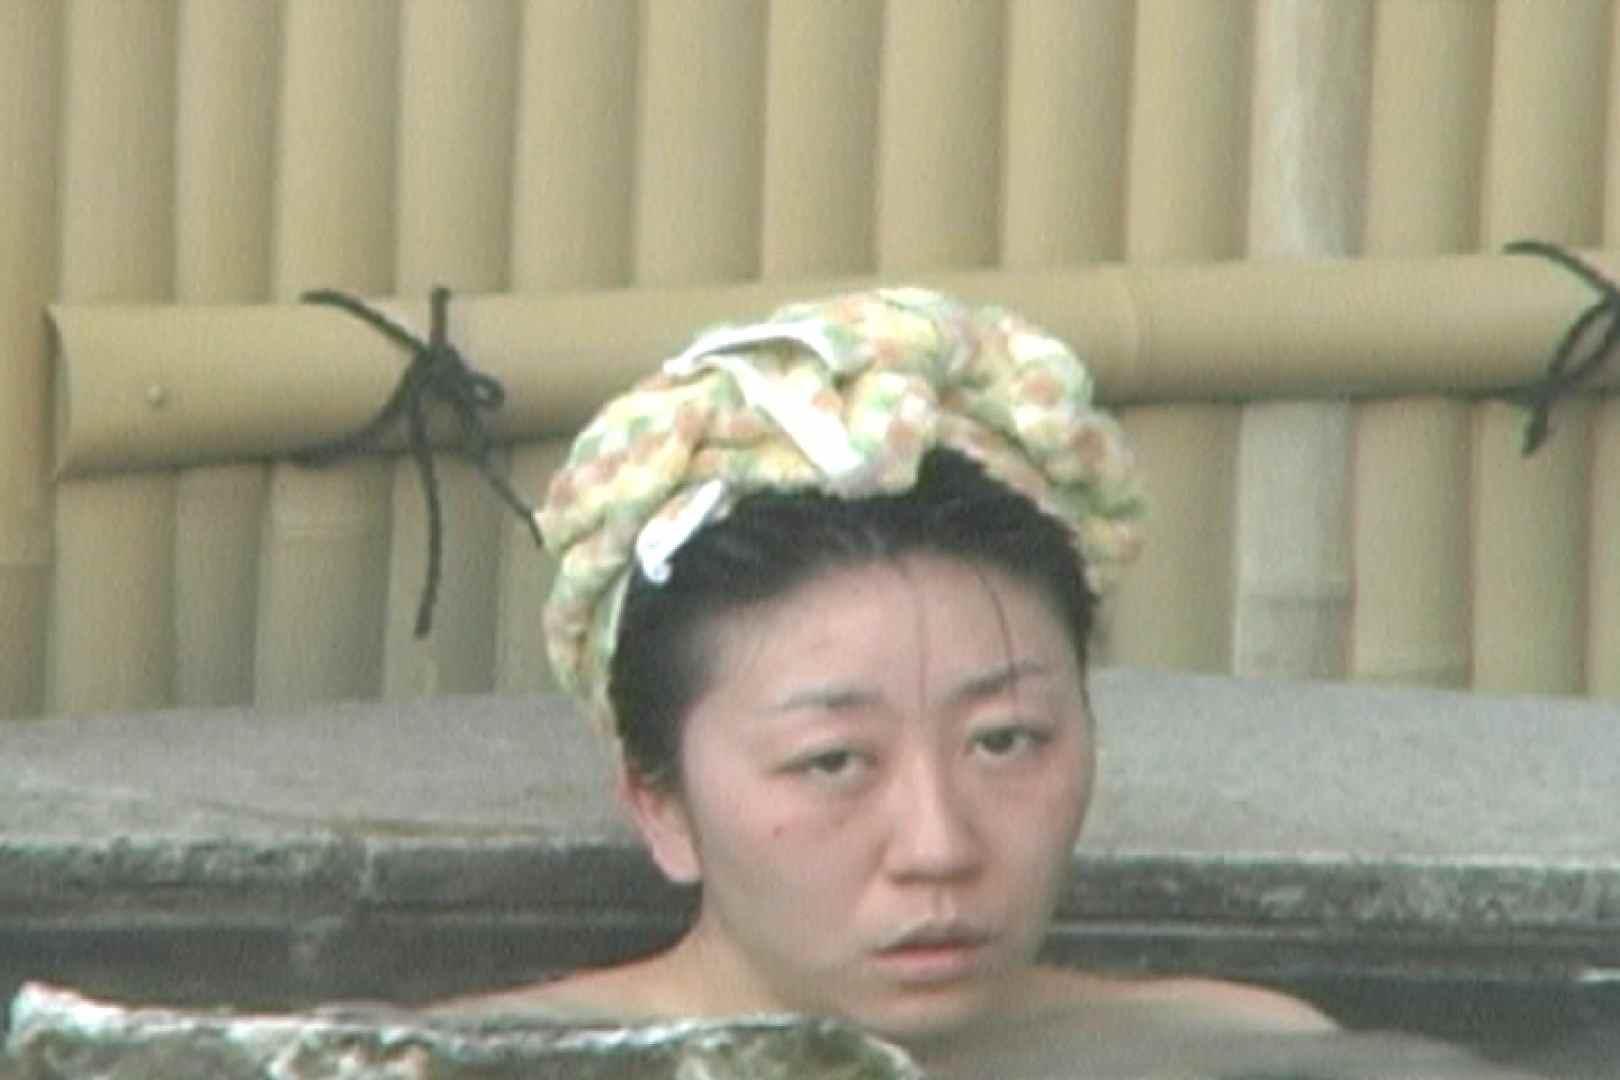 Aquaな露天風呂Vol.594 美しいOLの裸体 おまんこ動画流出 79pic 44